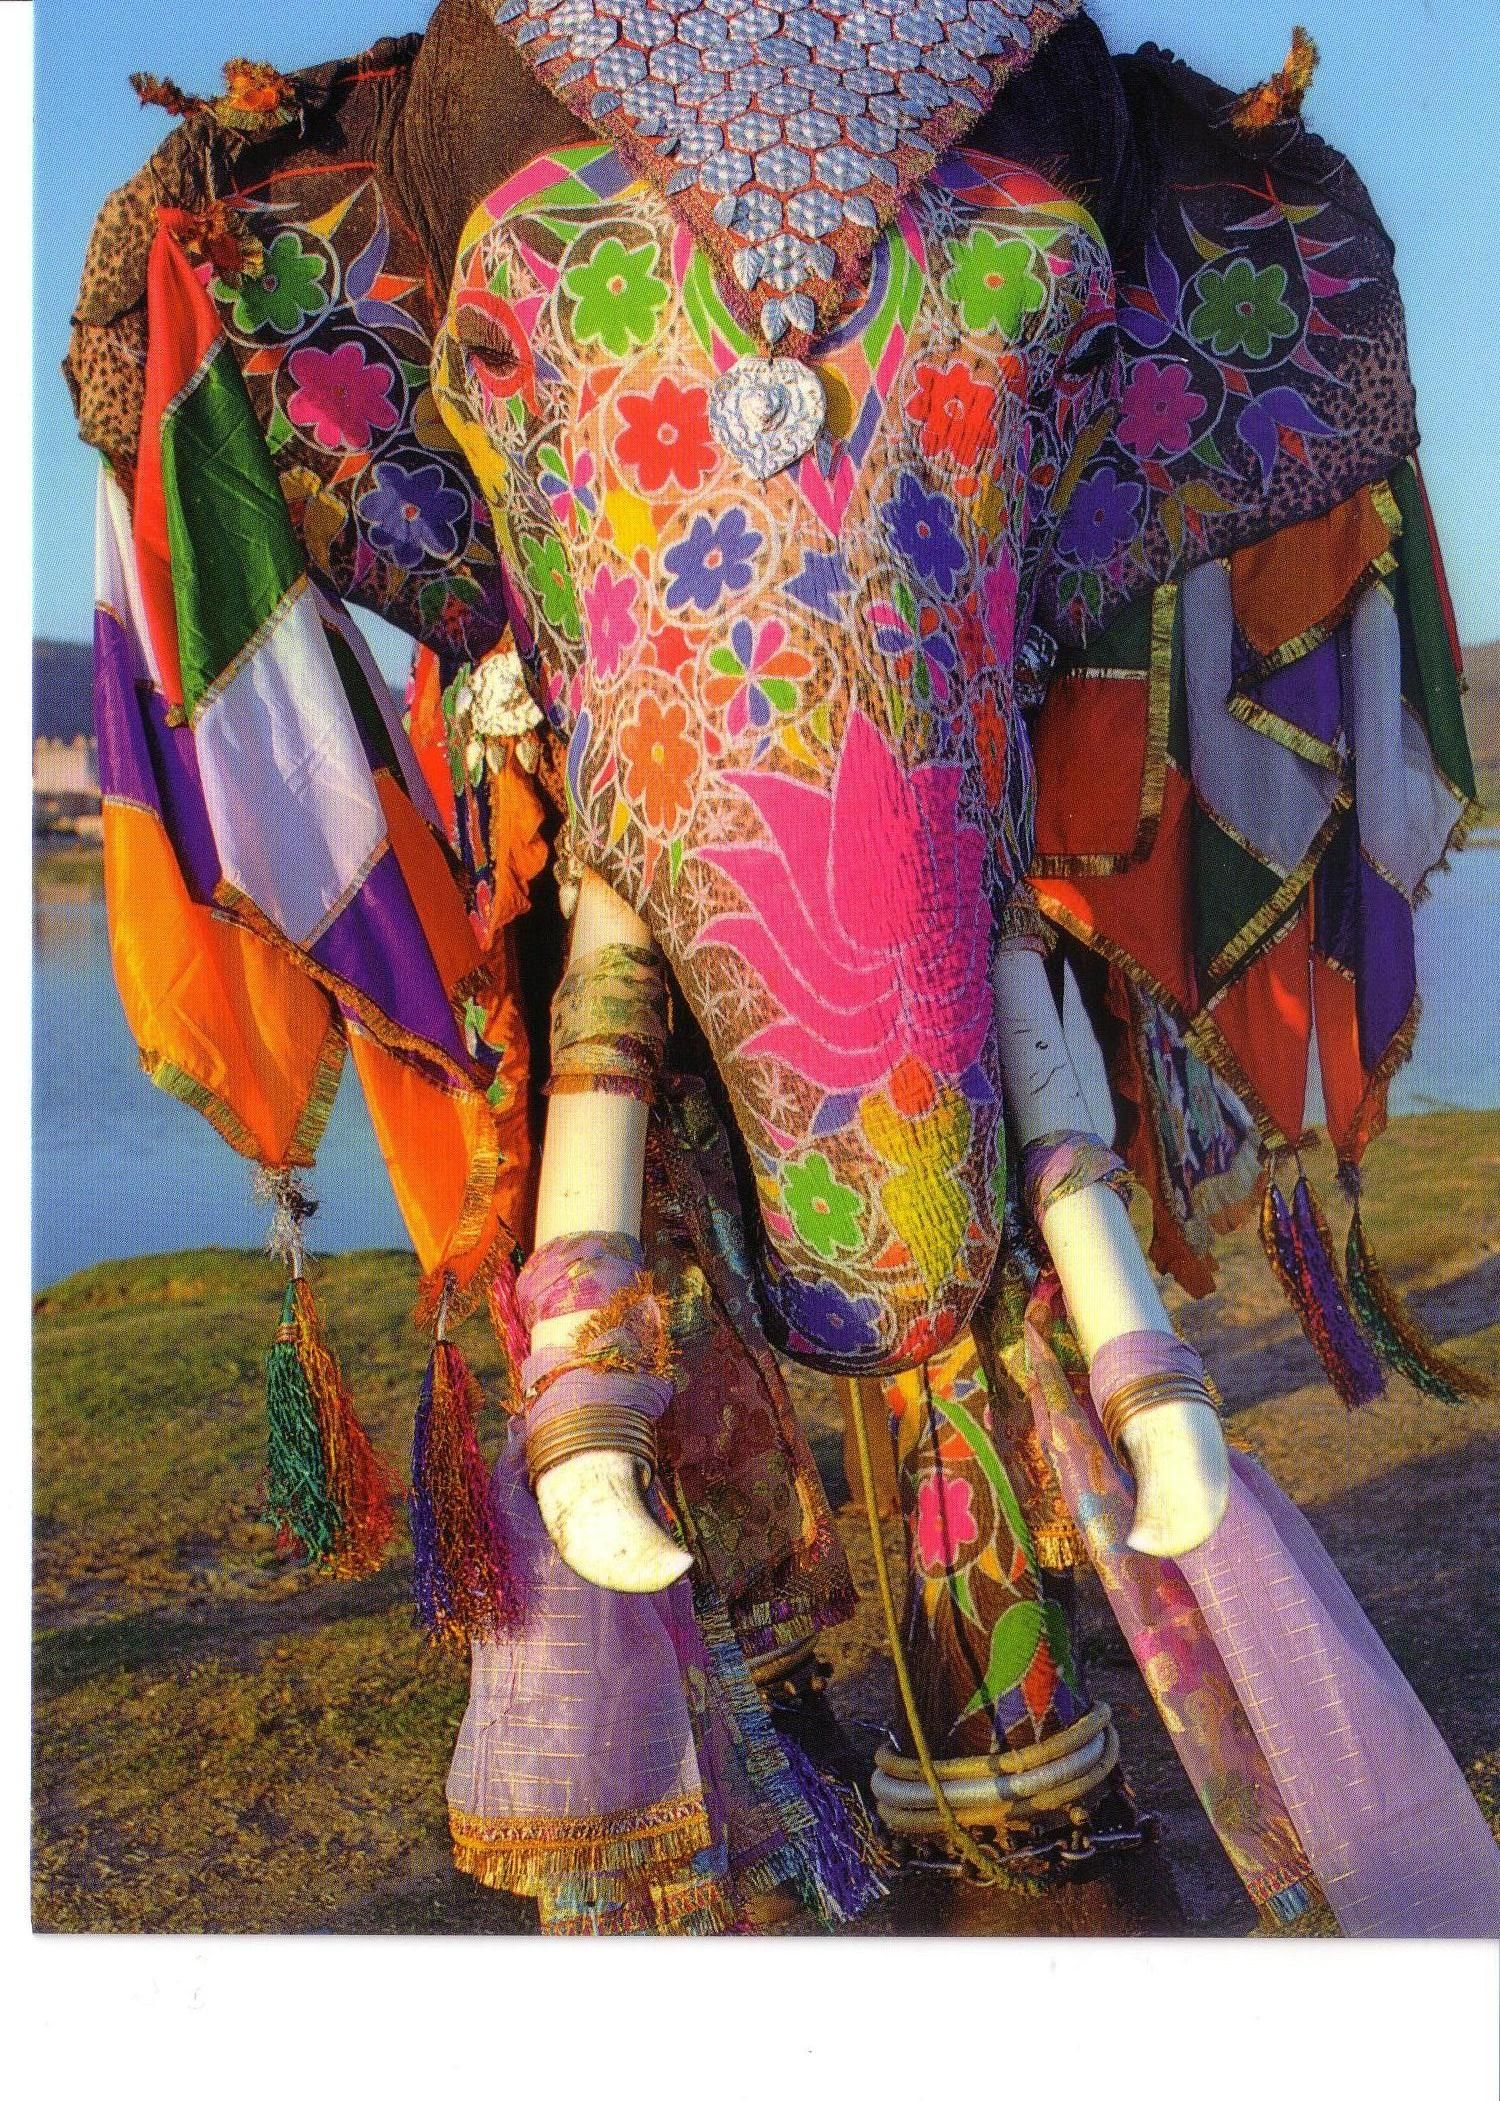 Elephant En Inde Signification eléphant paré pour holi | Éléphants peints, peinture d